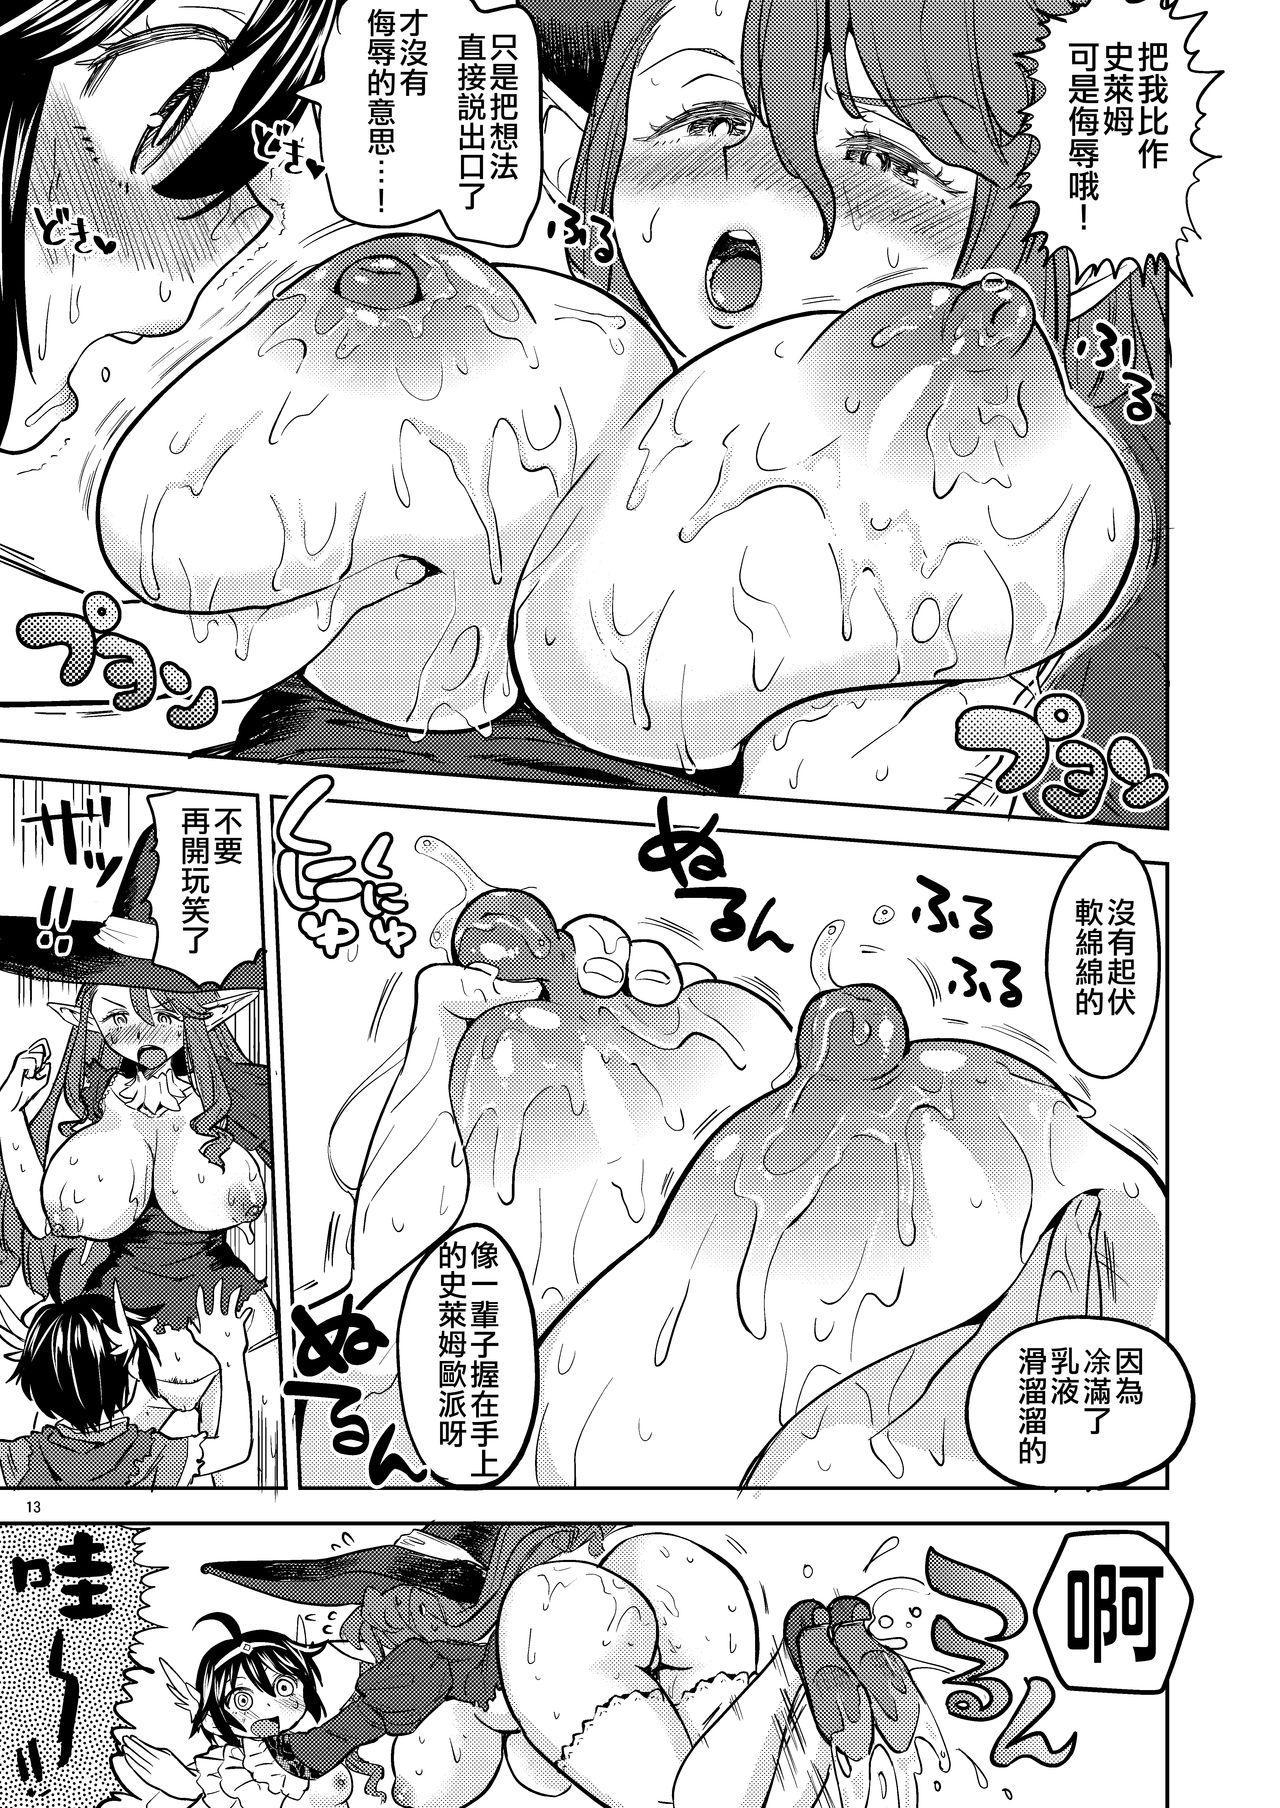 Onna Yuusha ni Tensei Shitara Mazoku no Tsuma ga 5-nin mo Irurashii 3 | 我轉生成爲女勇者后魔族的妻子居然有5人 3 14